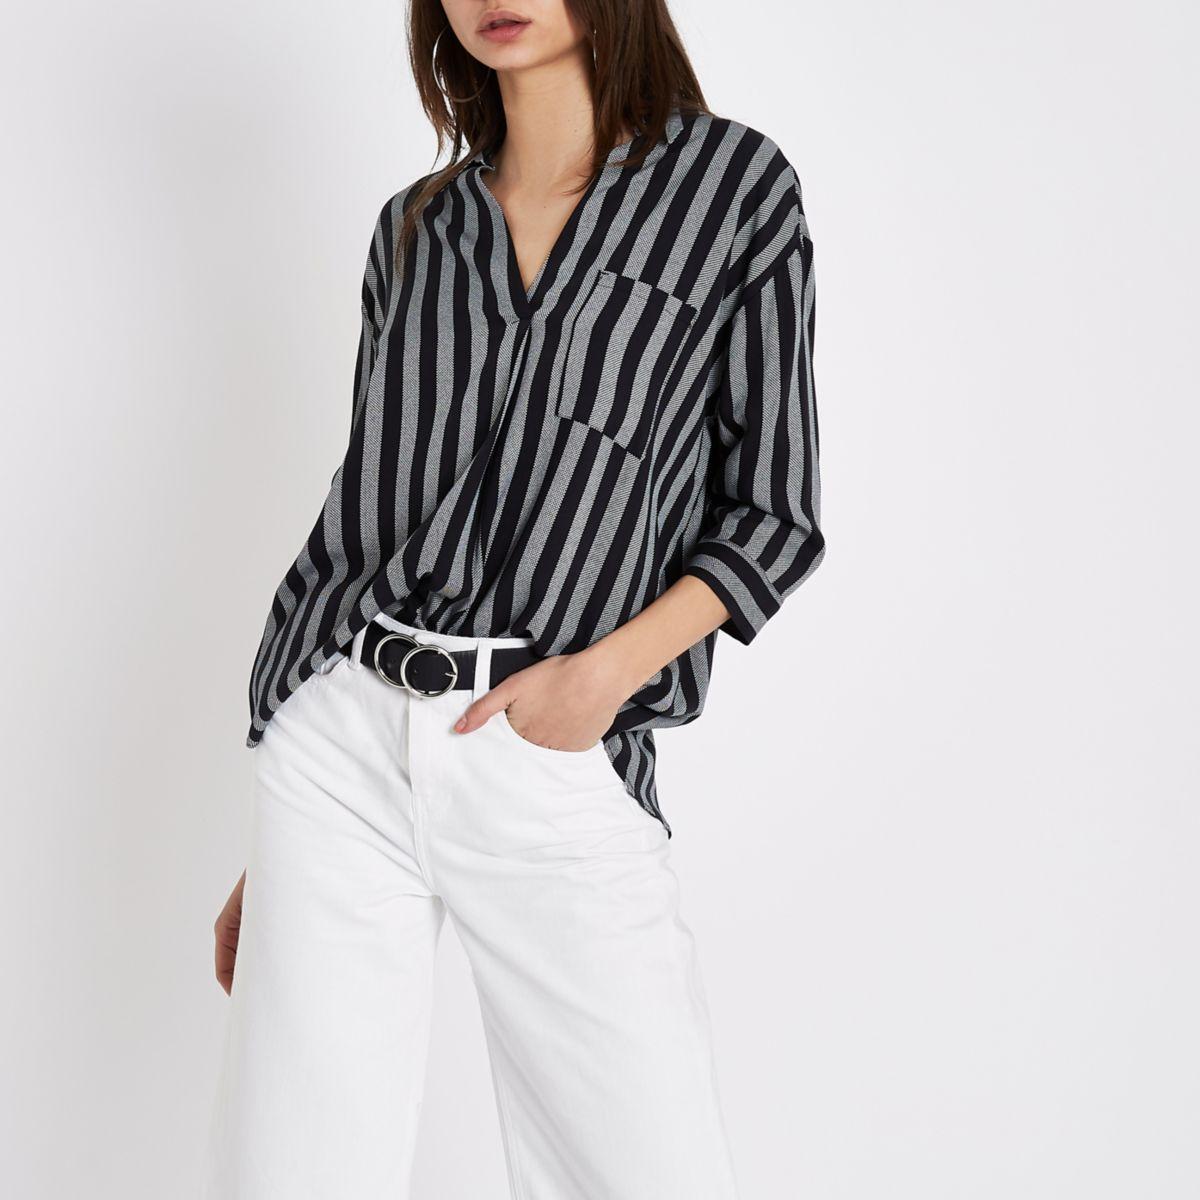 Zwarte gestreepte blouse met gekruiste bandjes op de rug